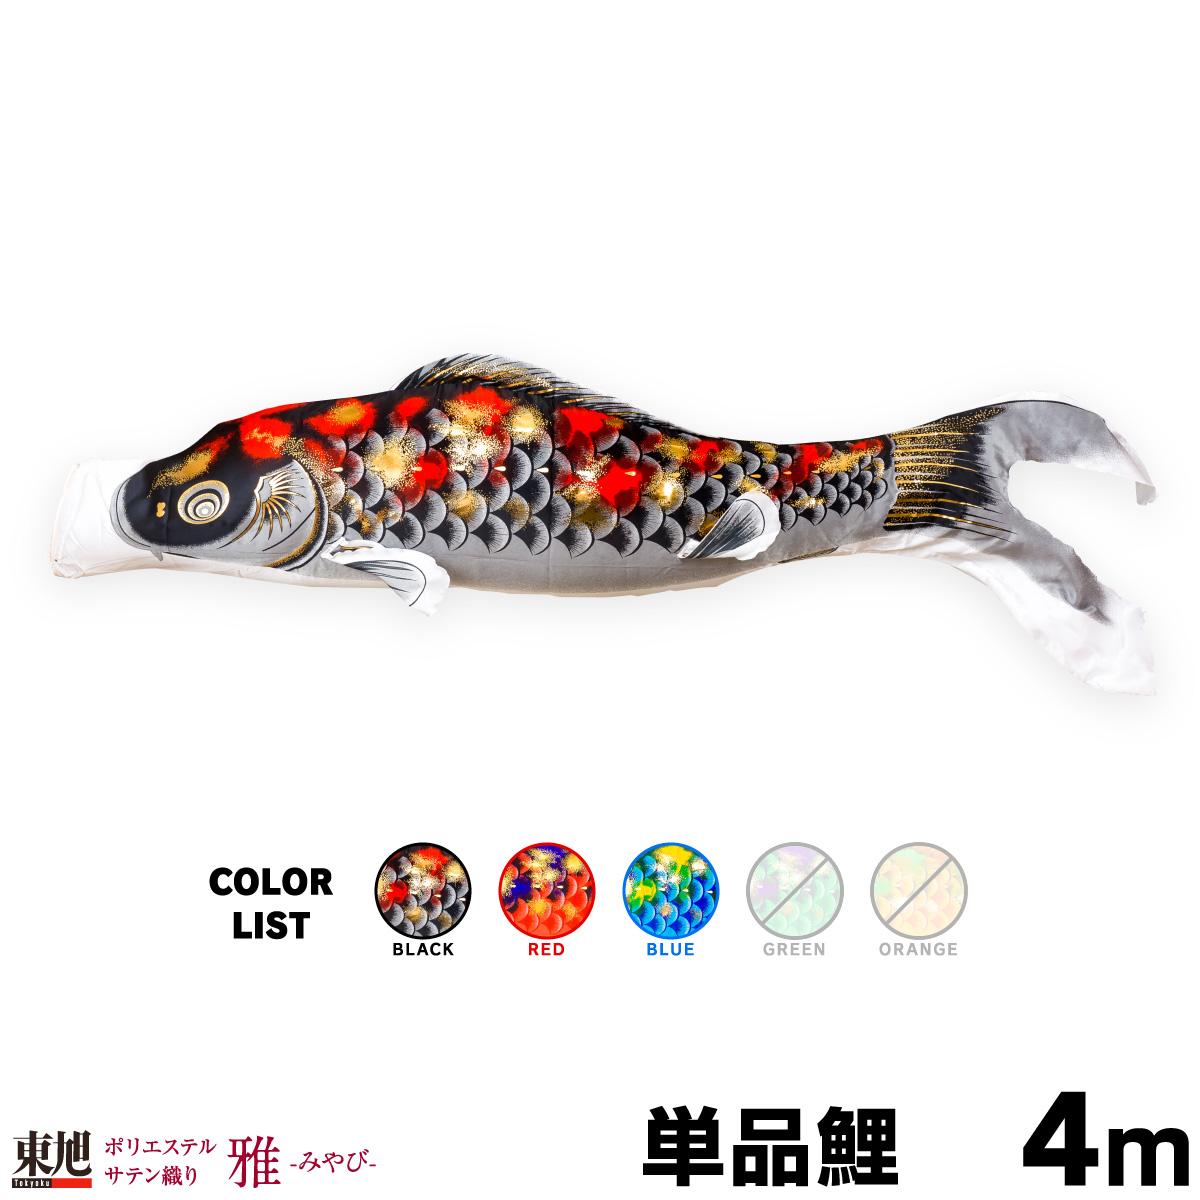 【こいのぼり 単品】 ポリエステルサテン織り 雅(みやび) 4m 単品鯉